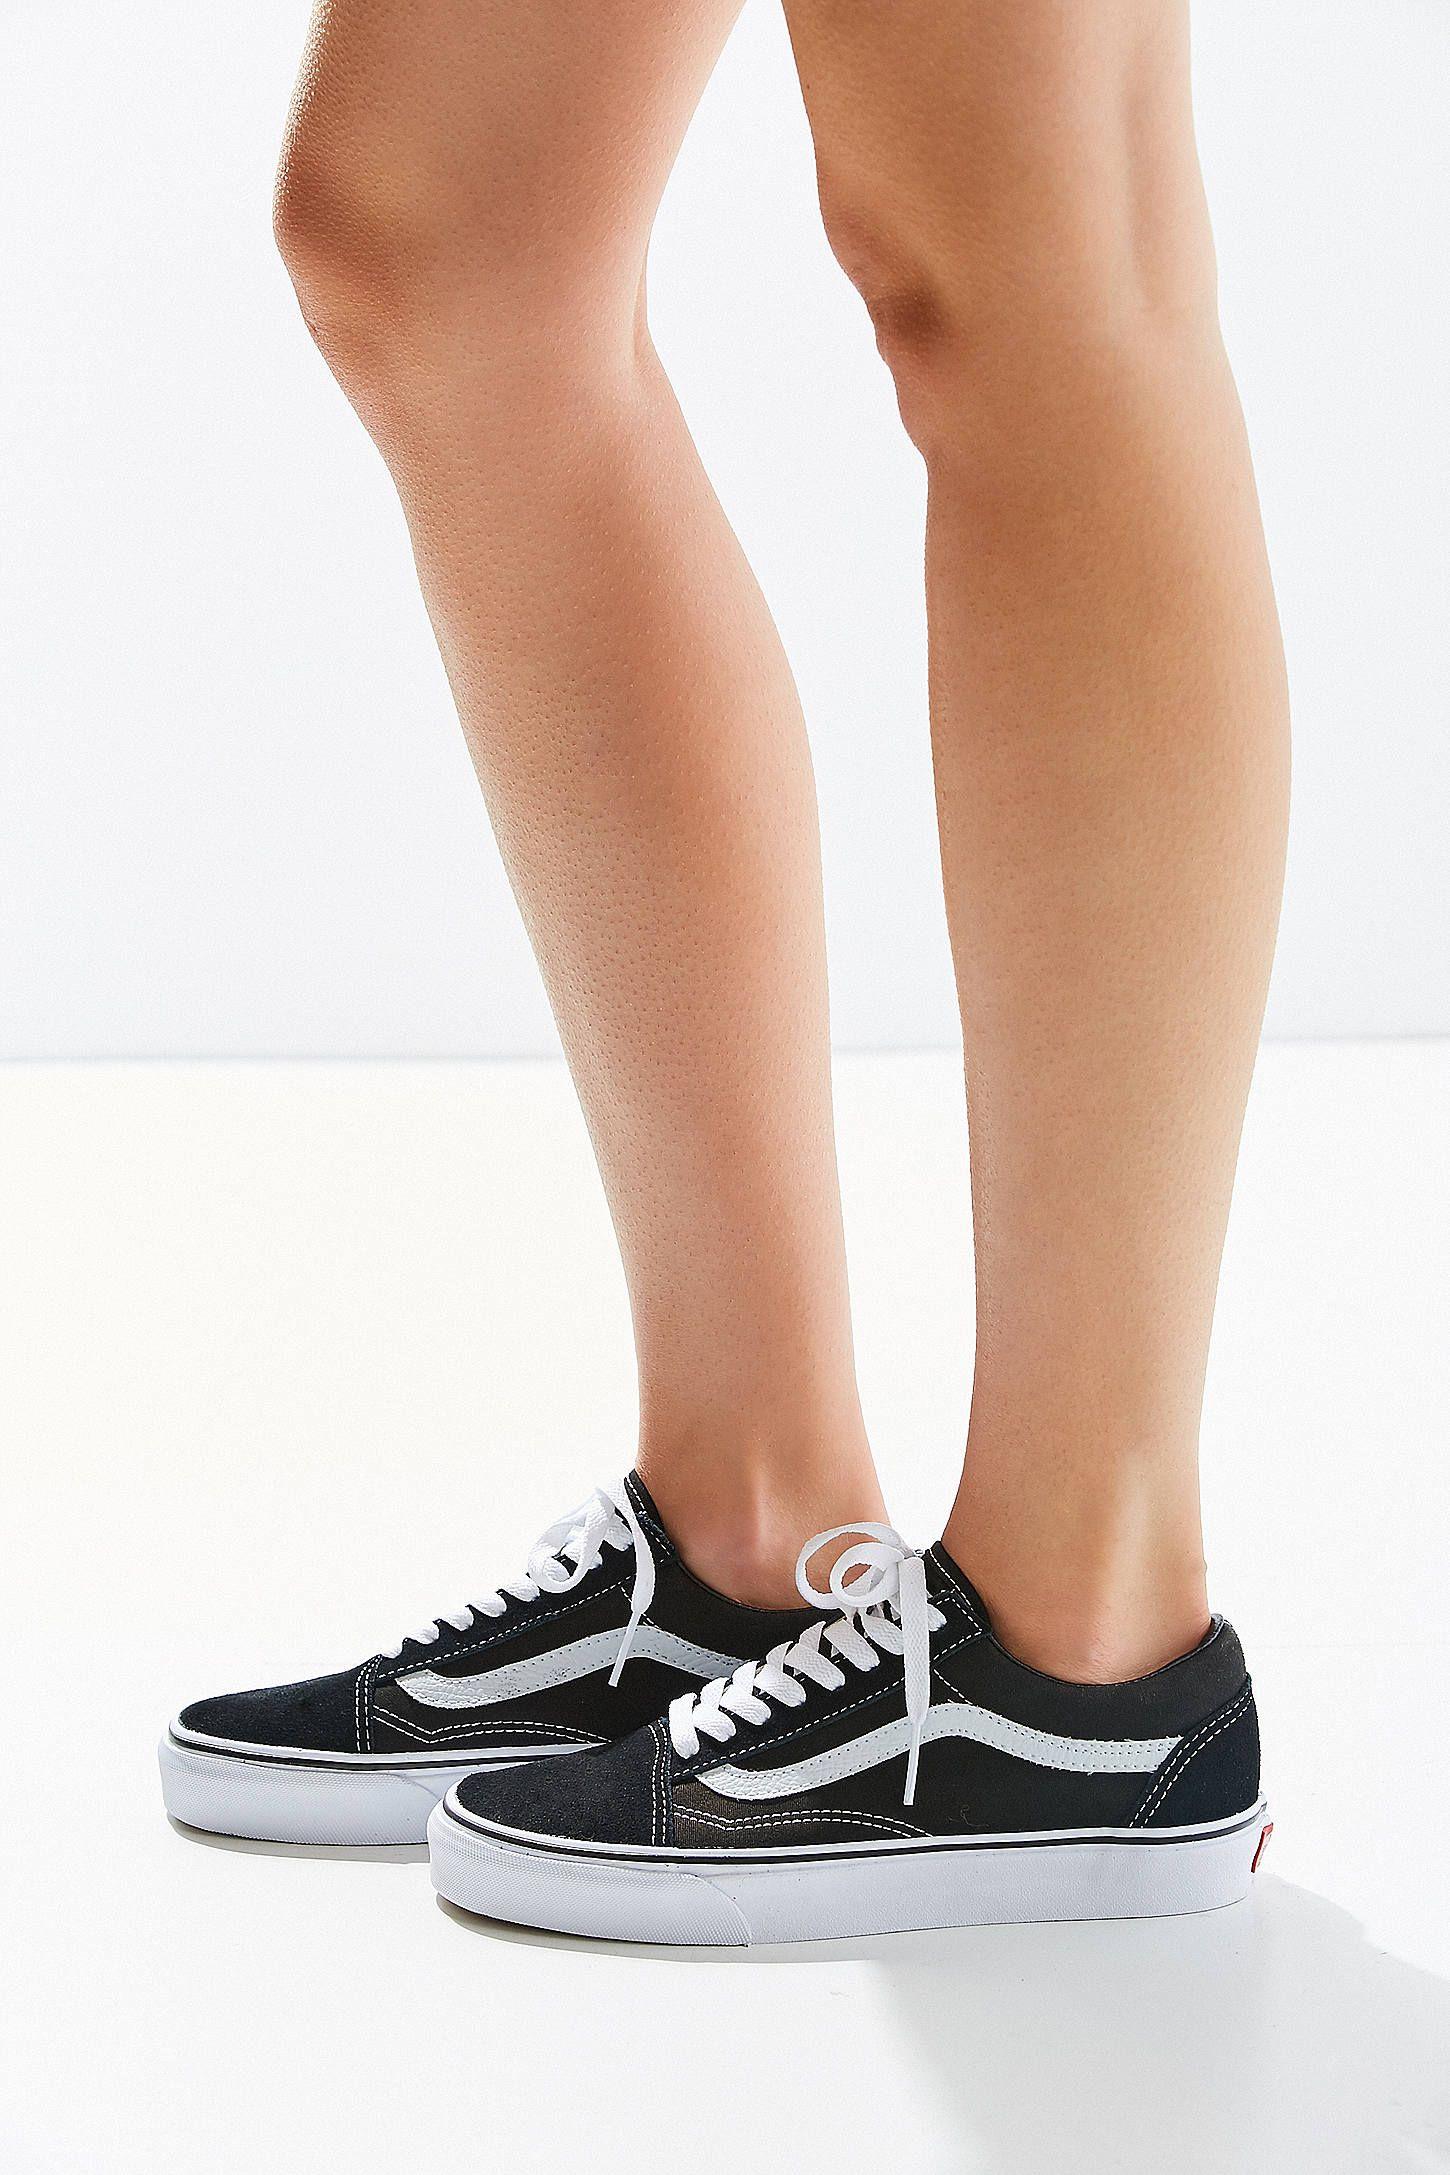 Vans Old Skool Sneaker Vans Classic Old Skool Vans Old Skool Sneakers